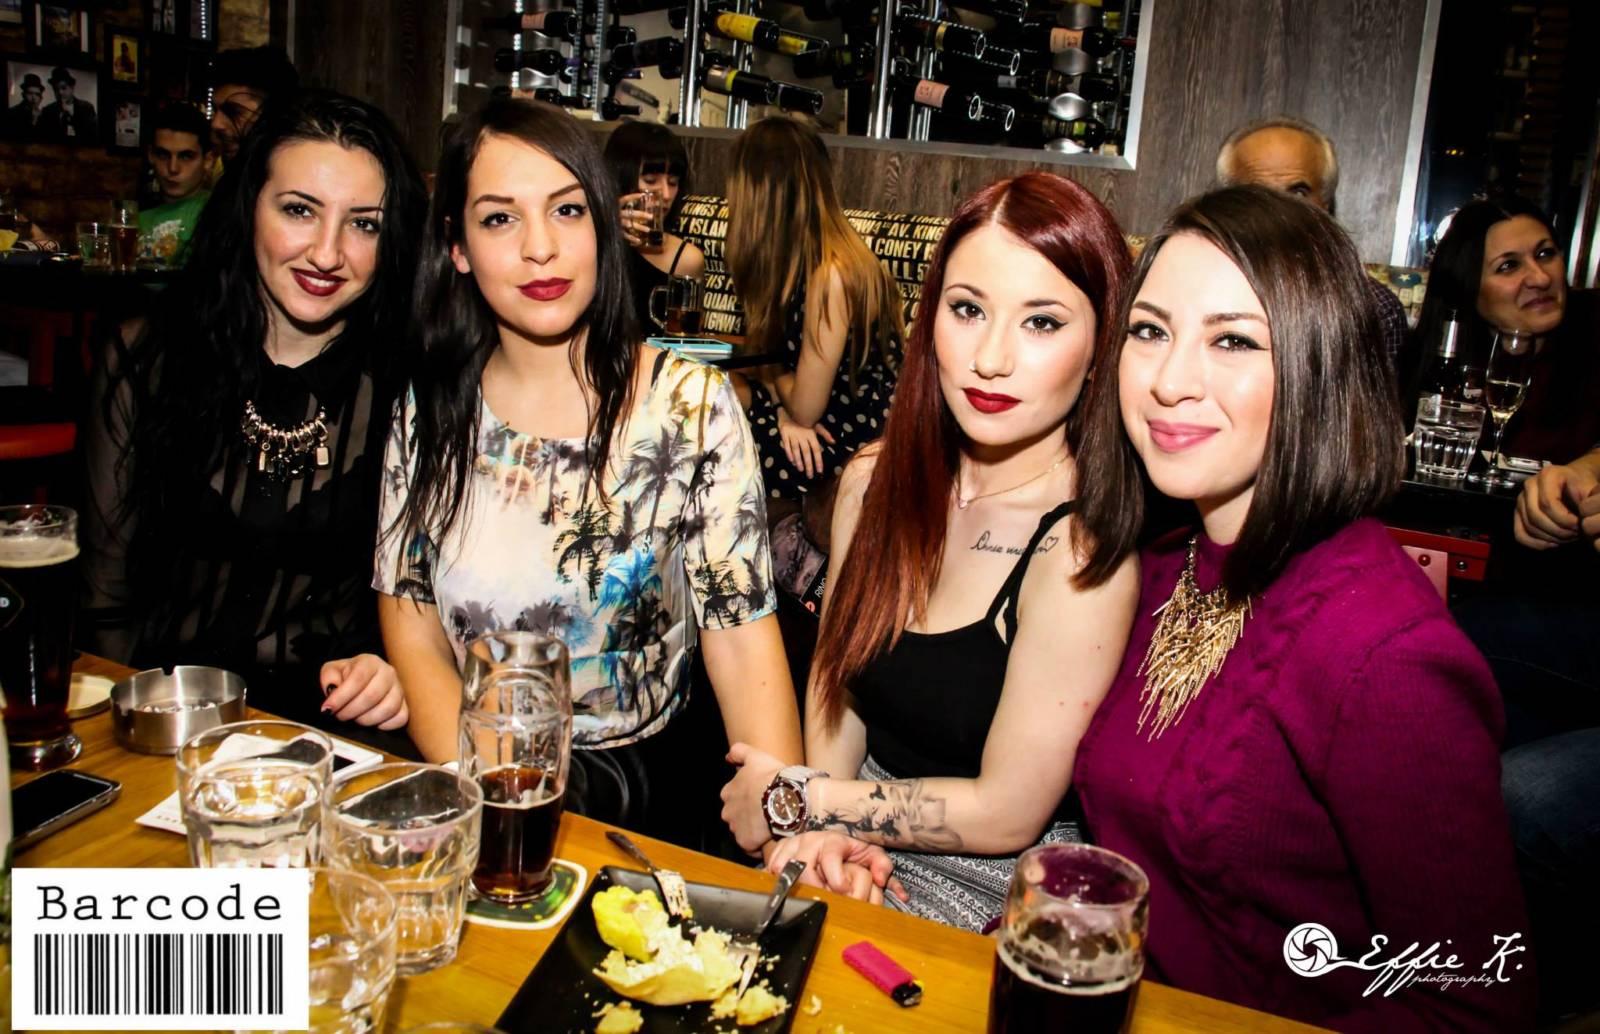 Το Barcode beer bar στην Κοζάνη κάθε Δευτέρα παρουσιάζει……My Monday's Buffet -Vol 1-